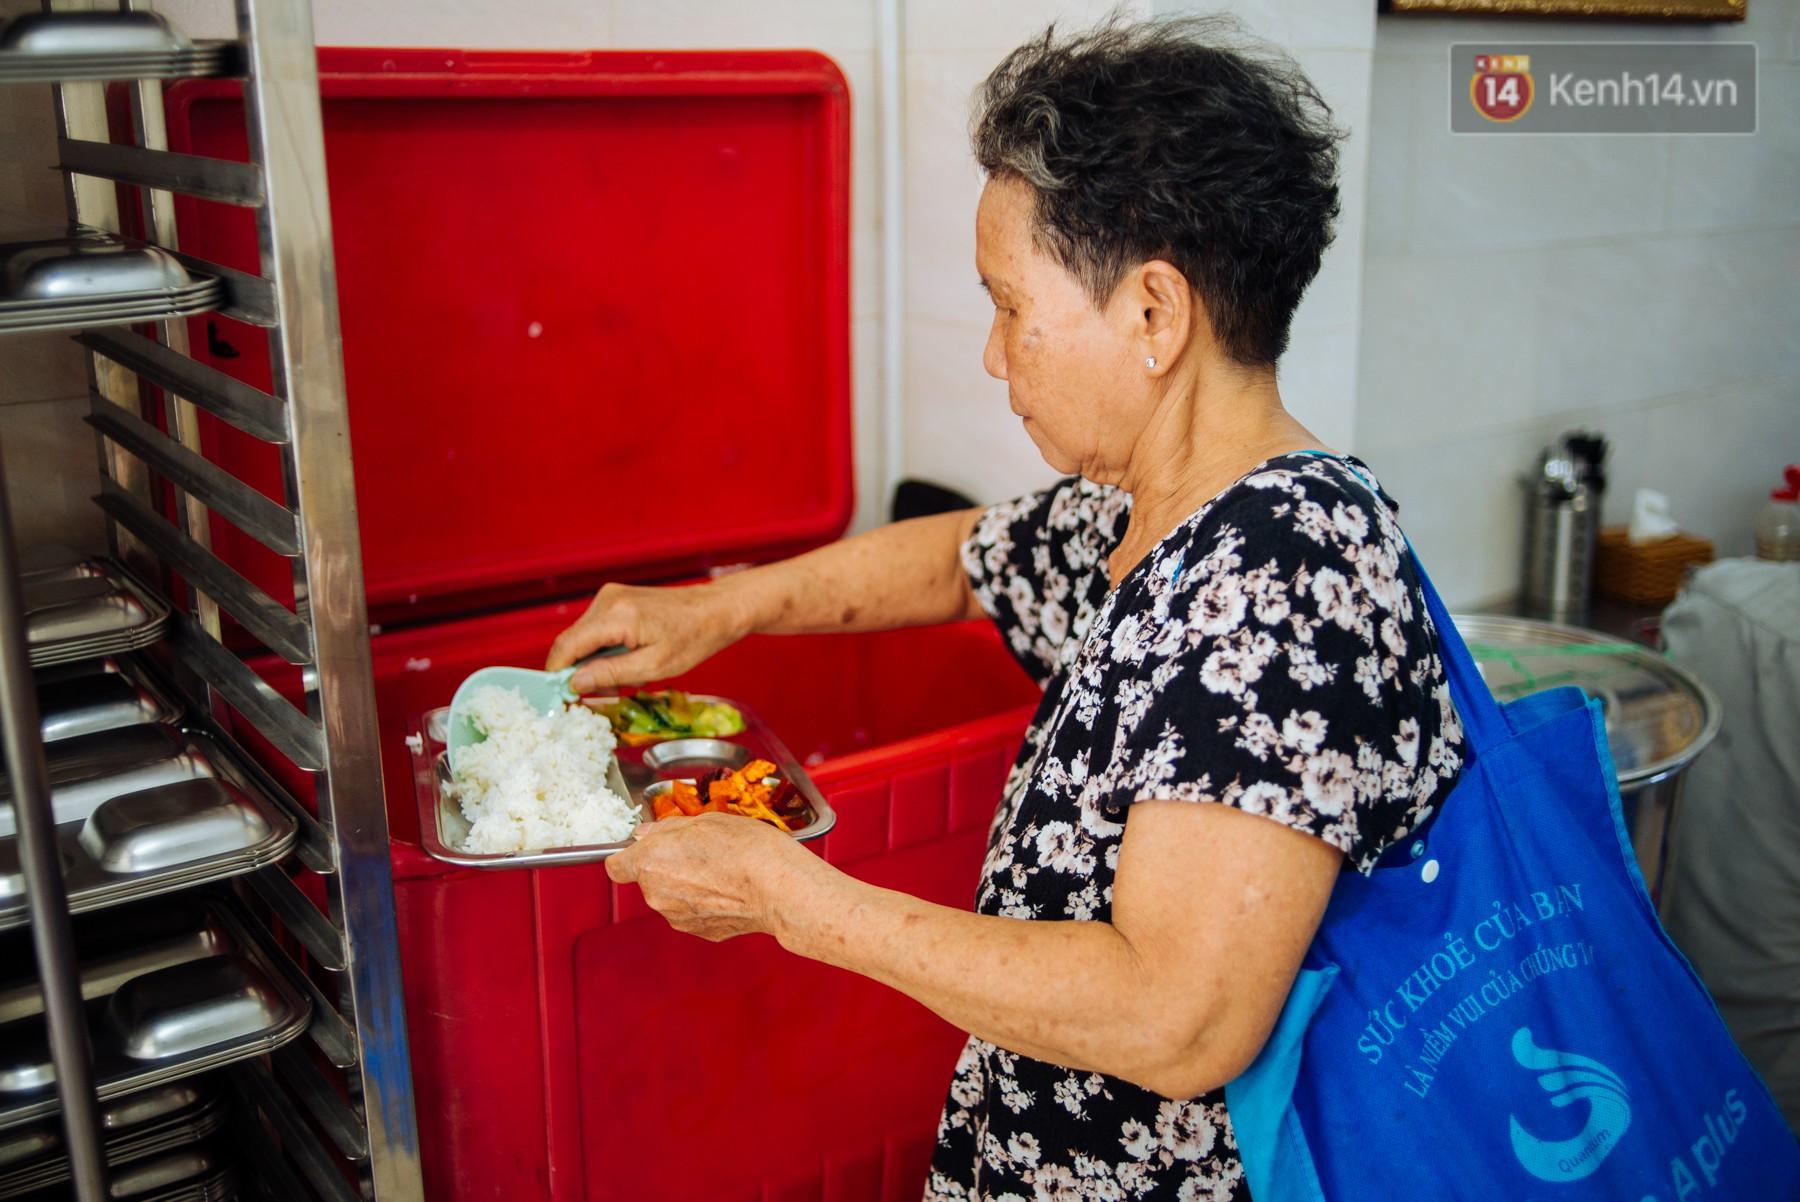 Giàu như anh bán chuối chiên Sài Gòn: Mở quán cơm 5k cho người thu nhập chưa cao, 5 năm đắt hàng - Ảnh 7.